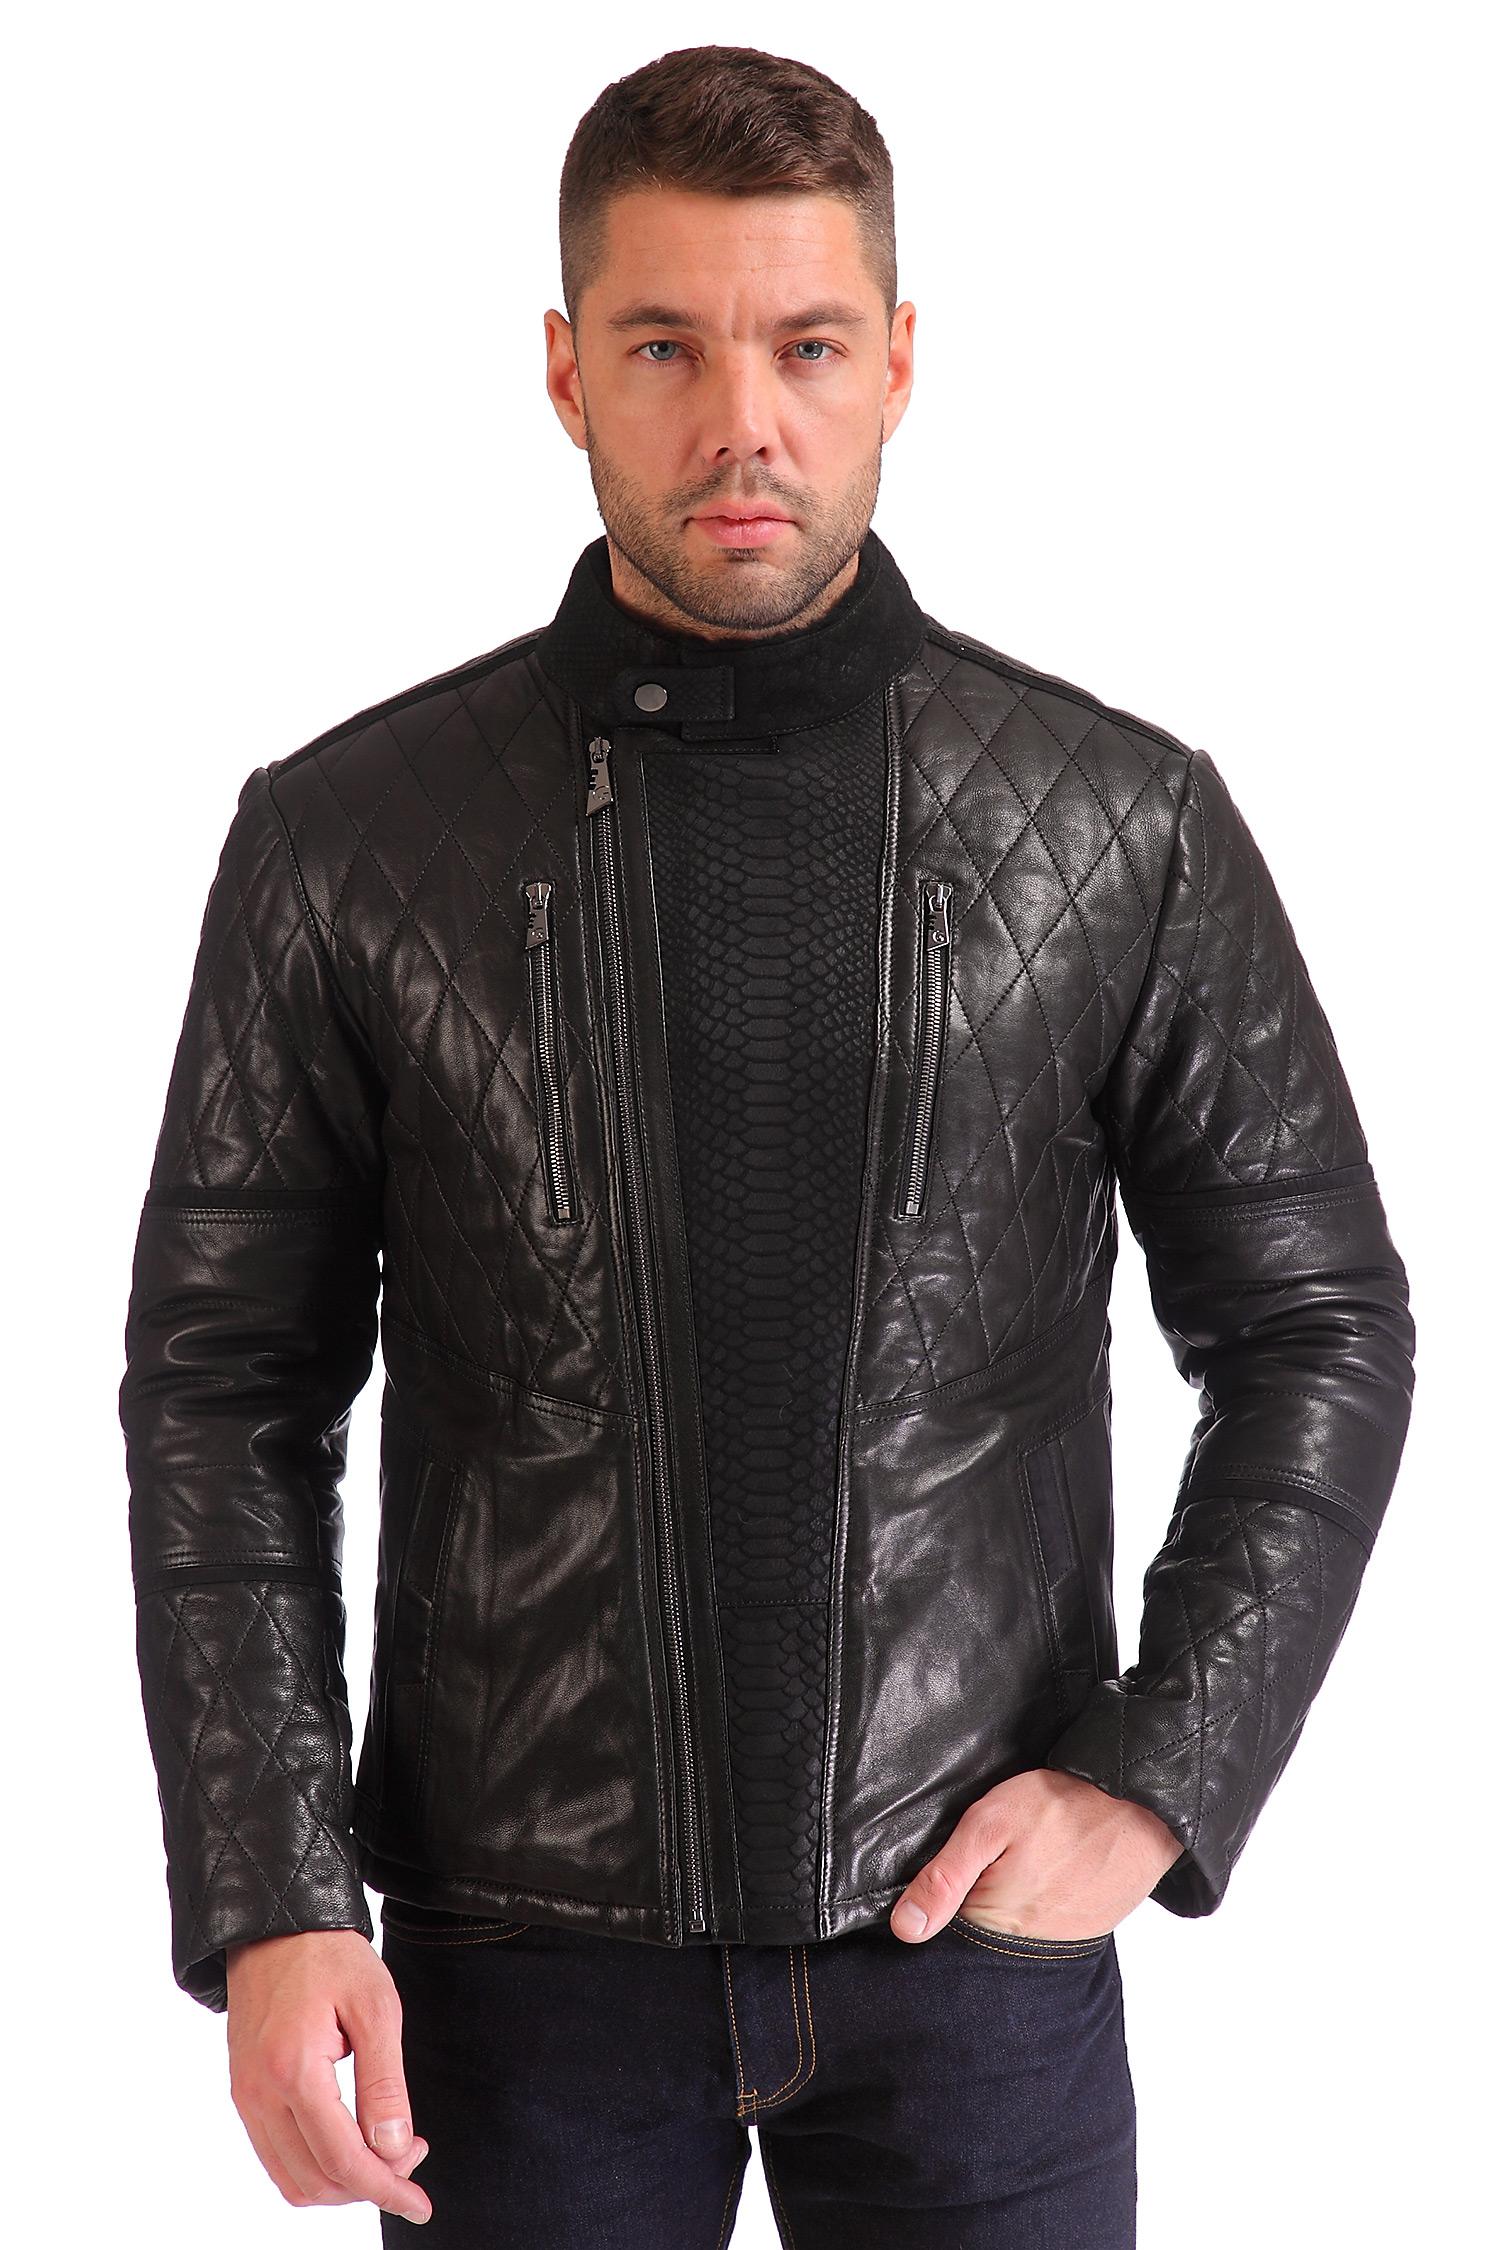 Мужская кожаная куртка утепленная, отделка овчина<br><br>Воротник: стойка<br>Длина см: Короткая (51-74 )<br>Материал: Кожа овчина<br>Цвет: черный<br>Вид застежки: косая<br>Застежка: на молнии<br>Пол: Мужской<br>Размер RU: 50